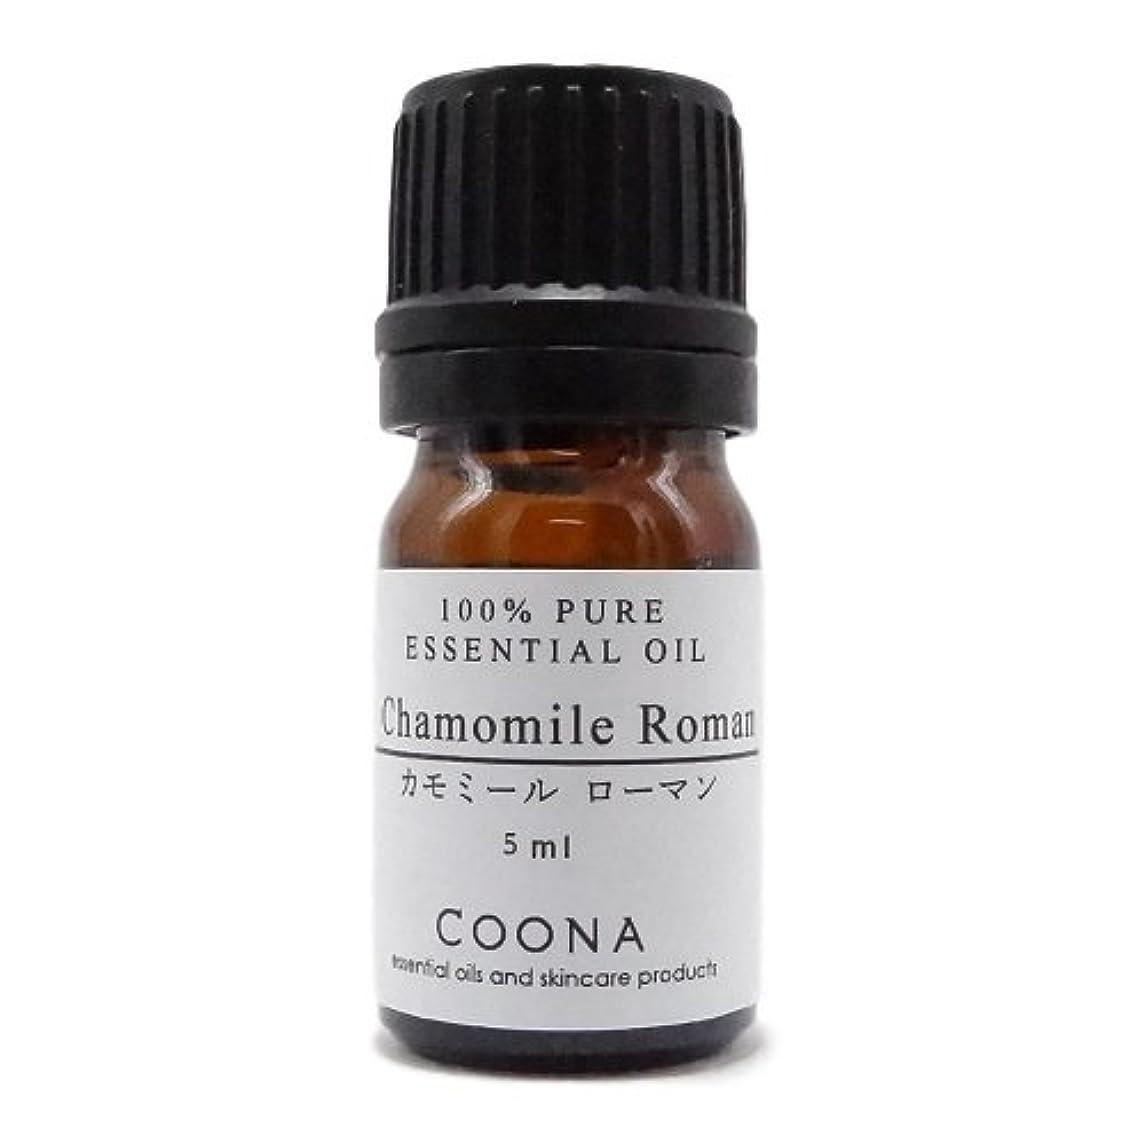 抽選異邦人ホバーカモミール ローマン 5 ml (COONA エッセンシャルオイル アロマオイル 100%天然植物精油)